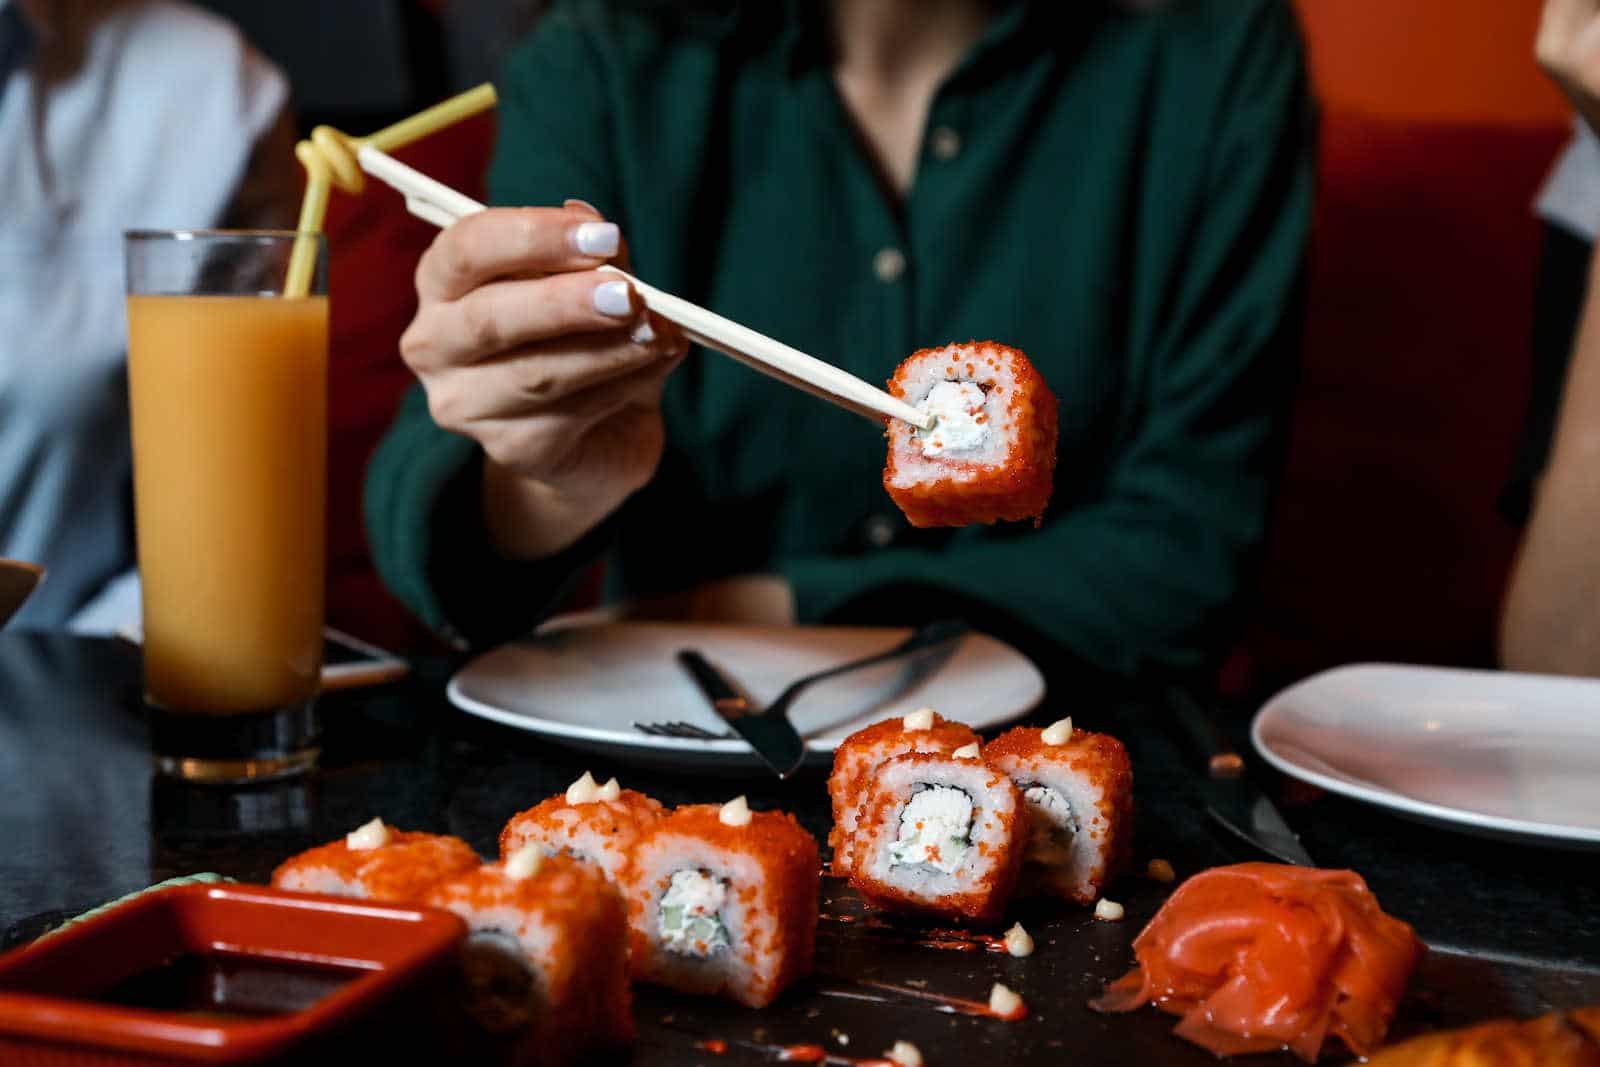 machi sushi bar of Philadelphia